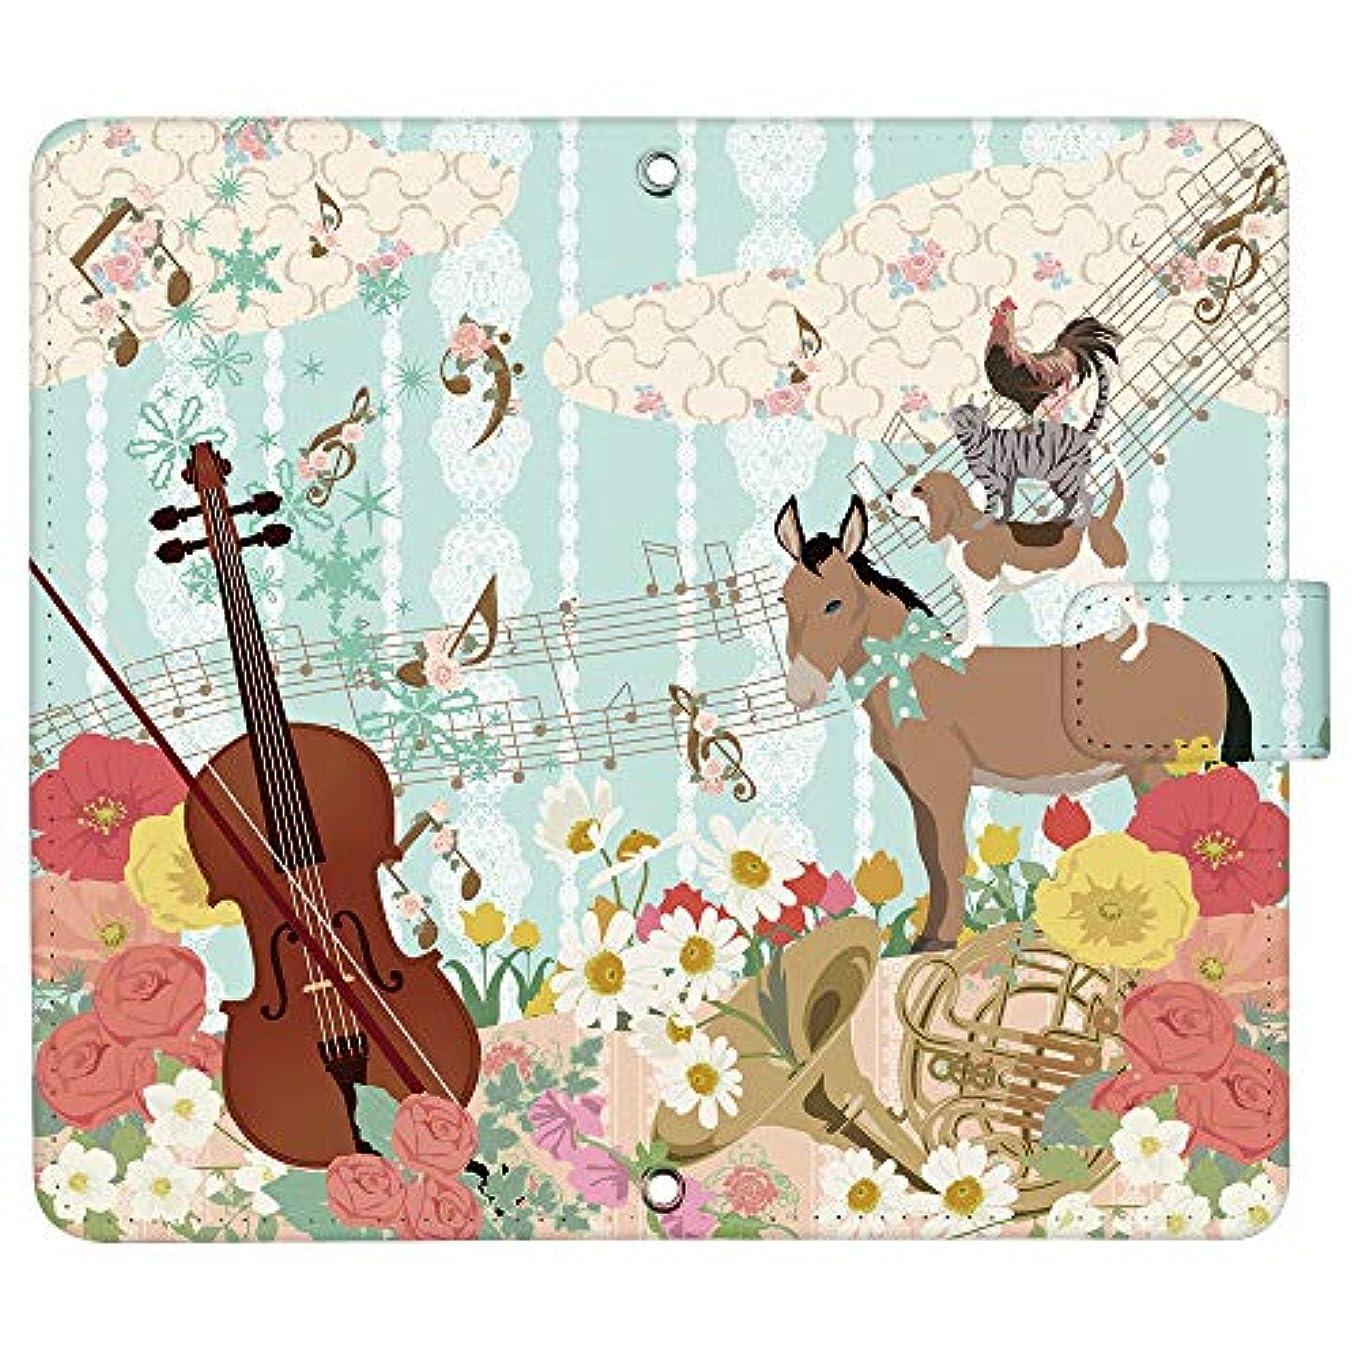 三角形コンピューター保険Galaxy S9 SC-02K ケース [デザイン:ブレーメンの音楽隊/マグネットハンドあり] 童話 手帳型 スマホケース カバー ギャラクシー sc02k